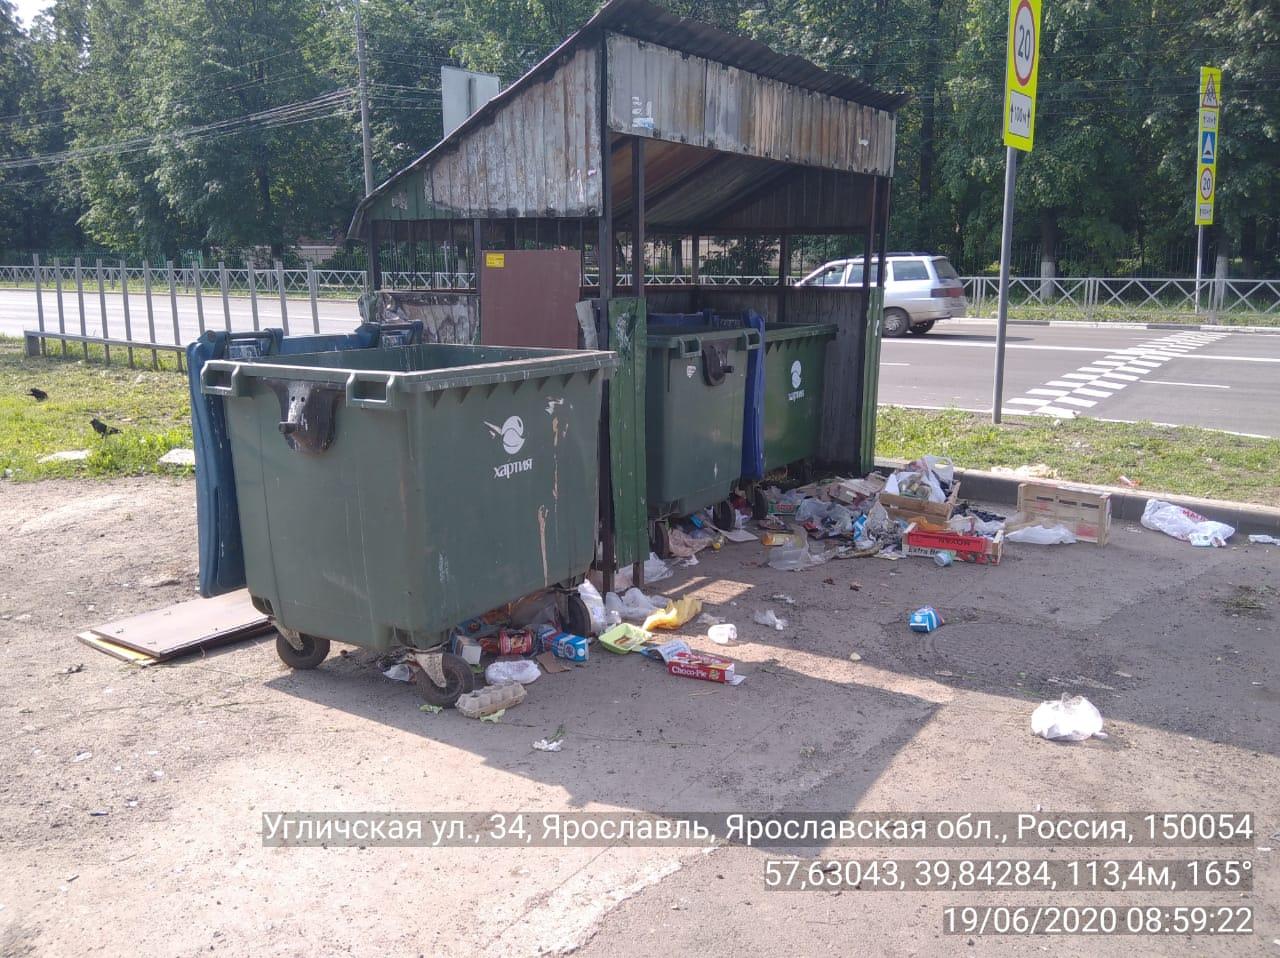 С начала года выявлено и пресечено 194 нарушения по содержанию контейнерных площадок в Ярославской области